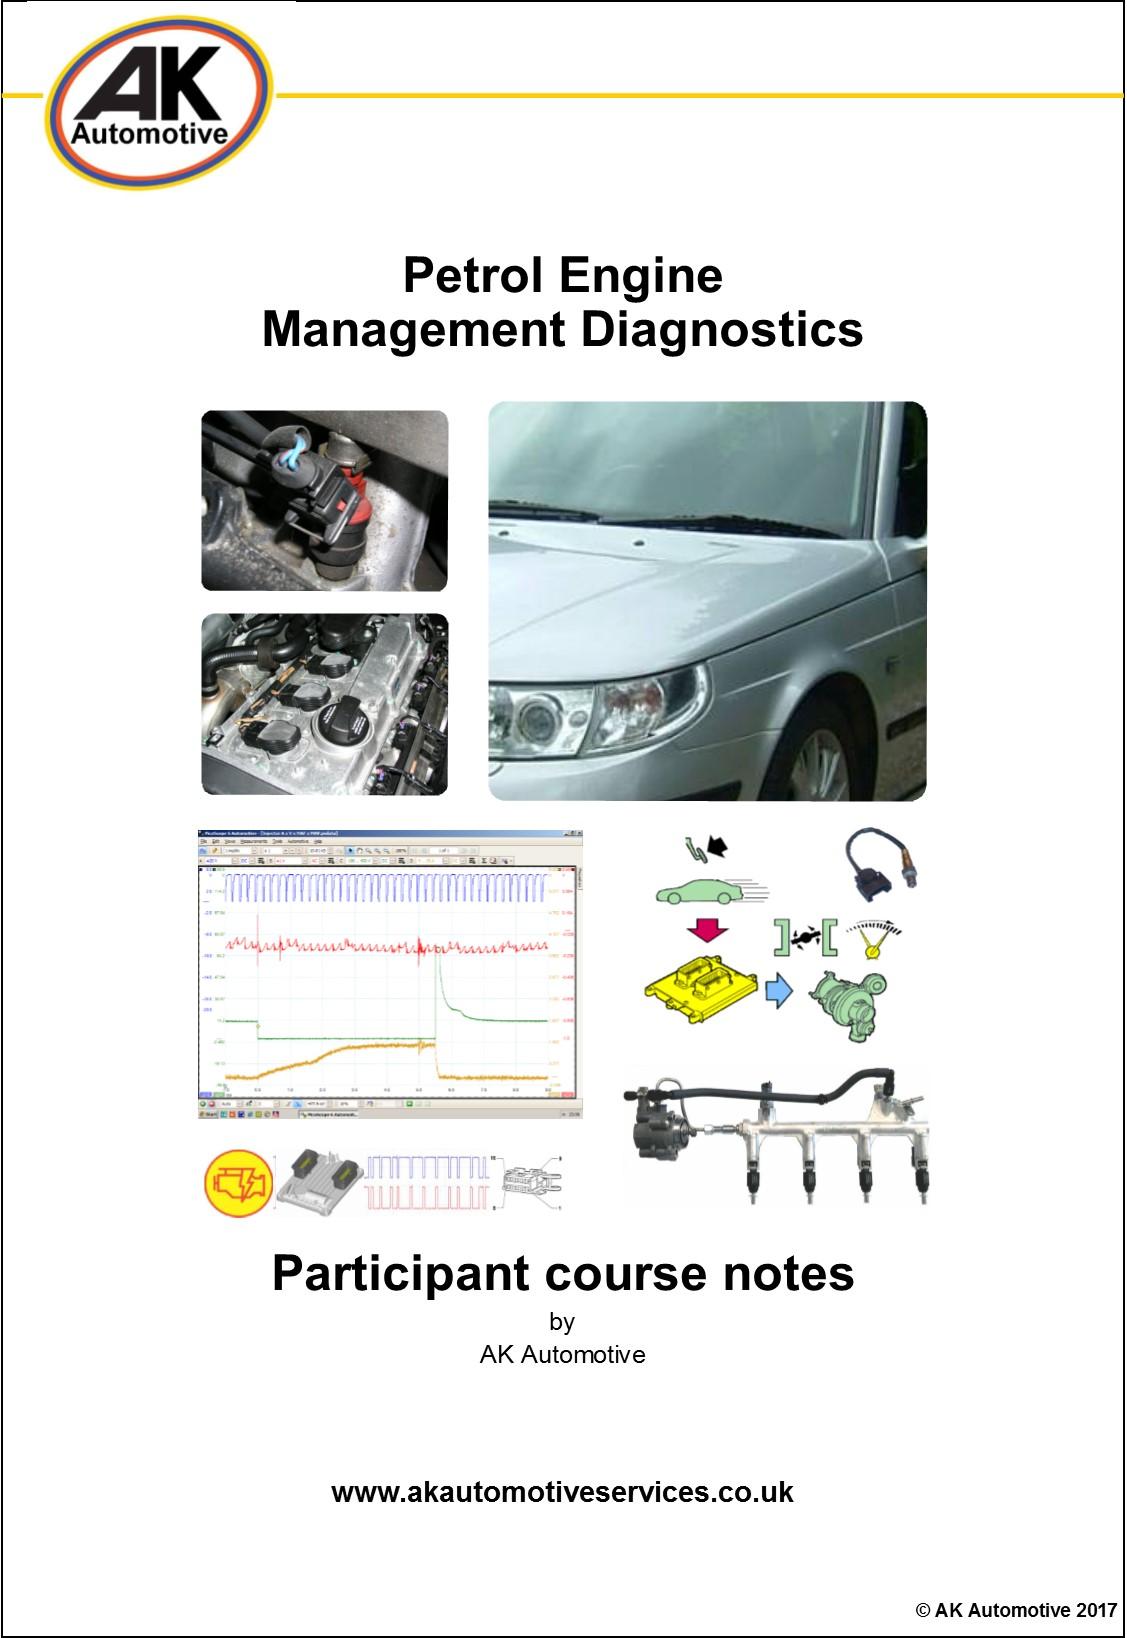 Ak Automotive Petrol Engine Management Diagnostics Training Course